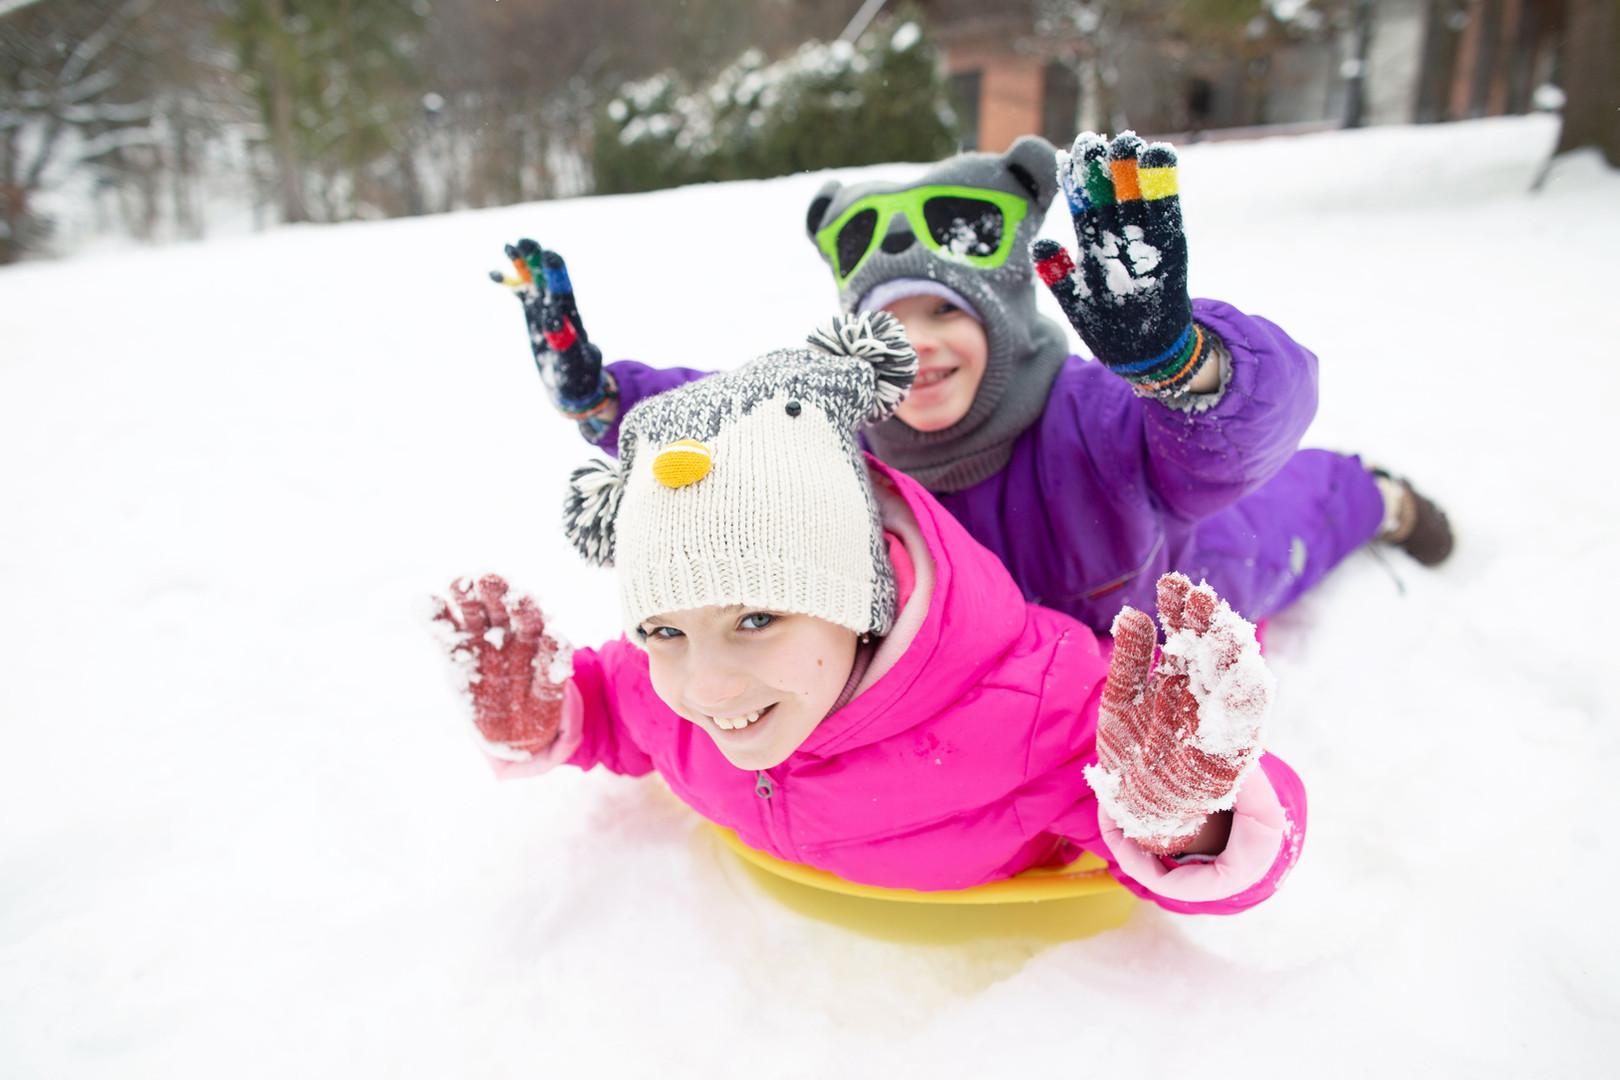 Glückliche Kinder im Schnee rodeln